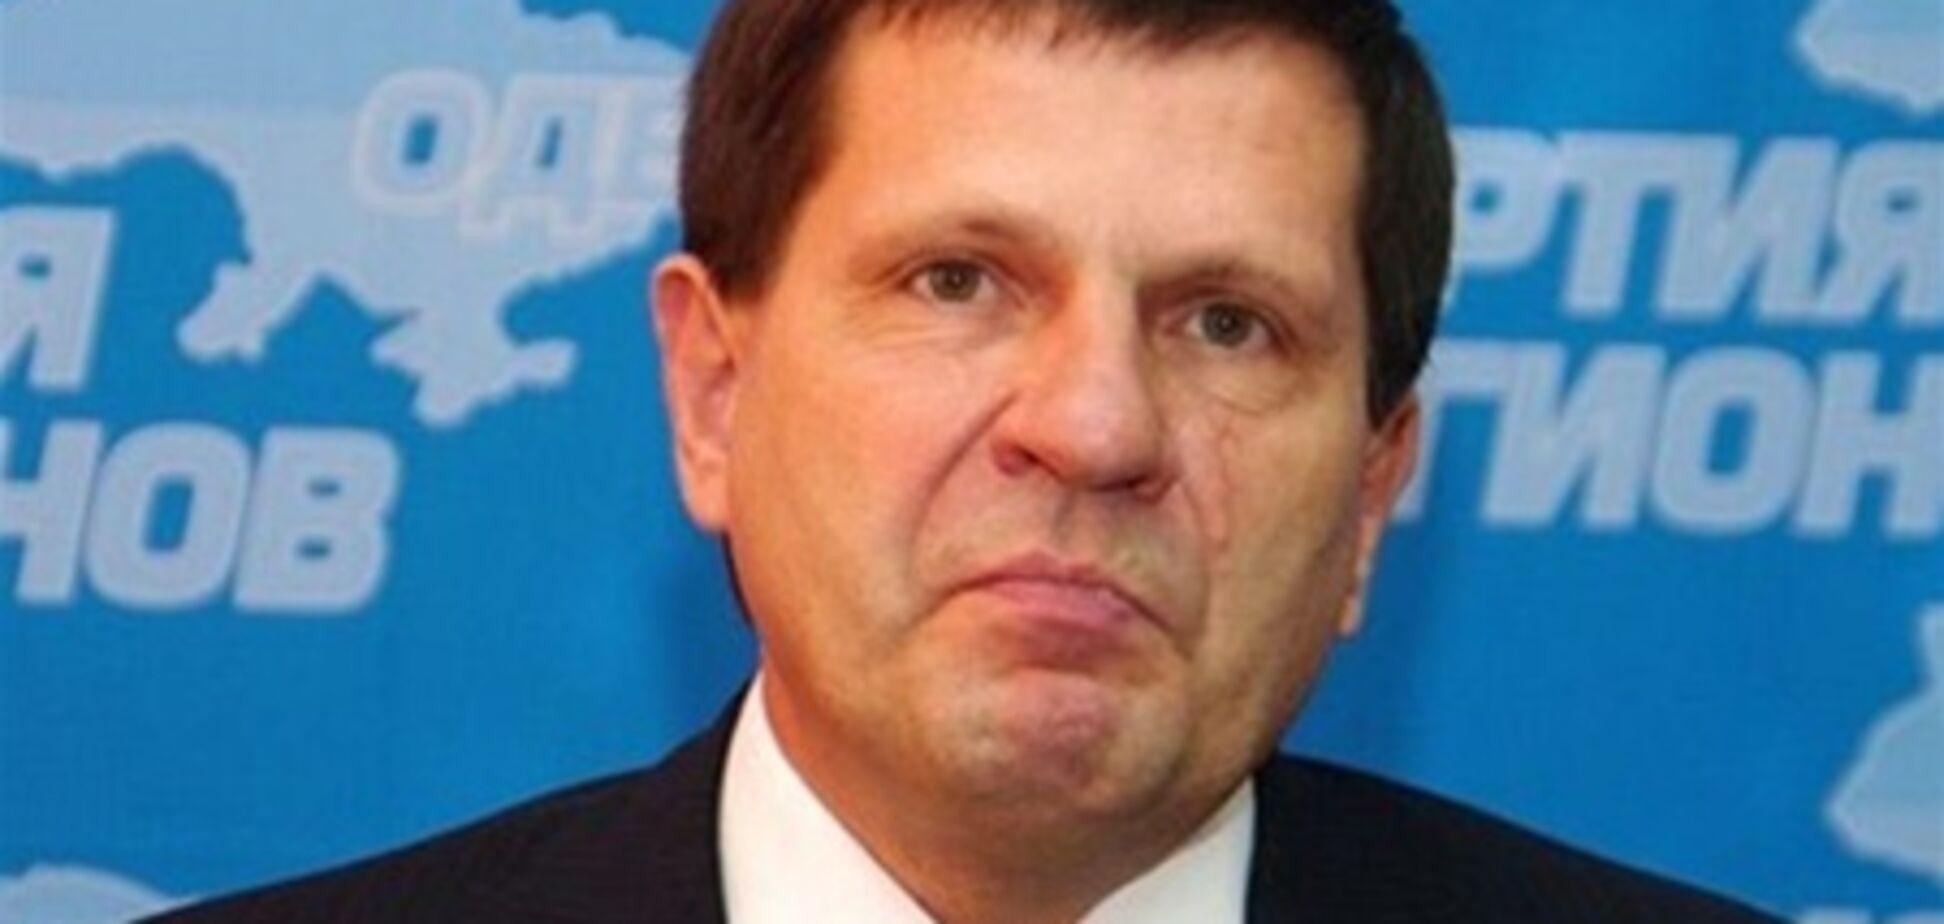 Мэра Одессы могут привлечь к уголовной ответственности